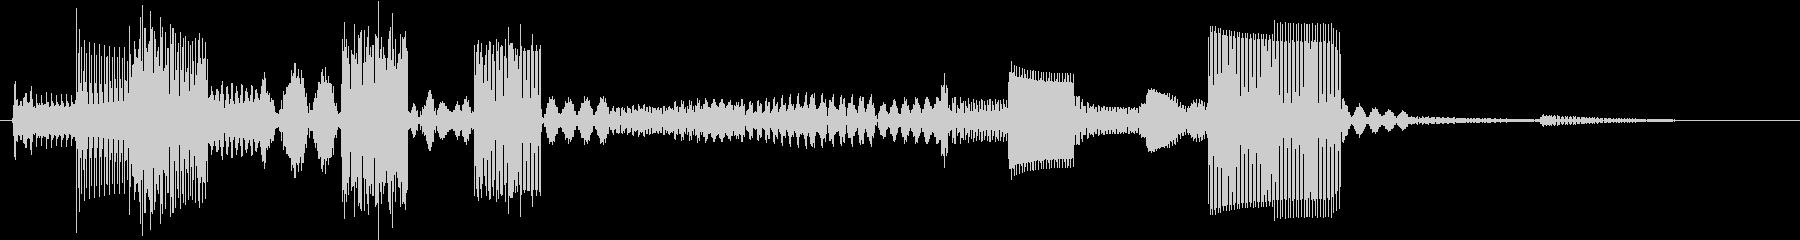 サウンドロゴ(ピコピコ、電子系)の未再生の波形